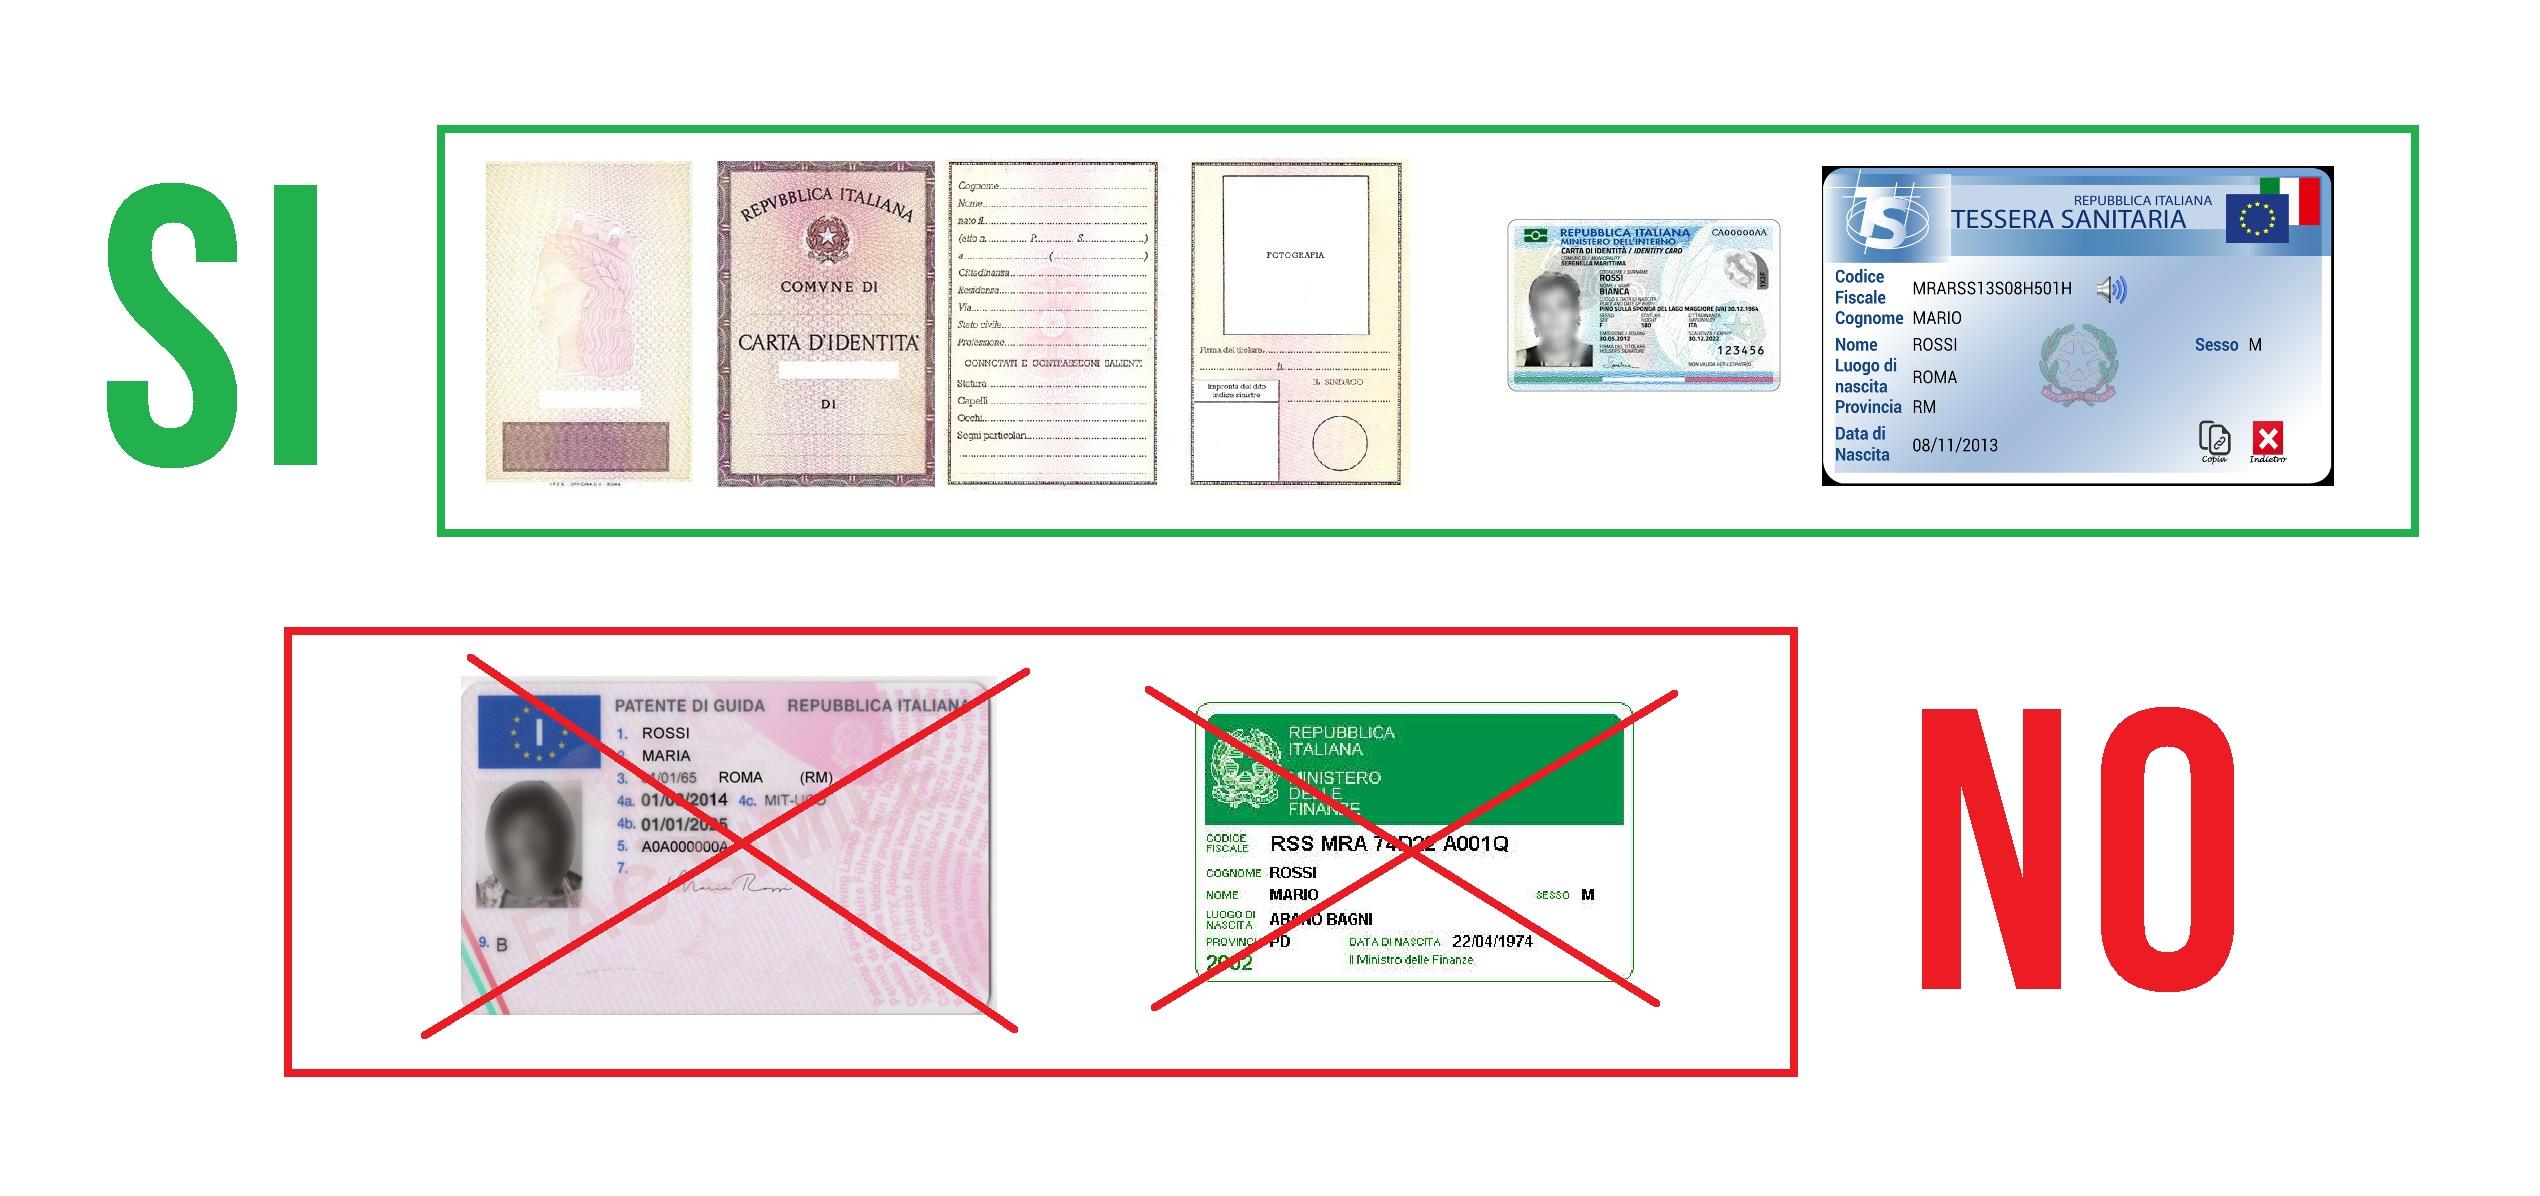 carta di identità per spid